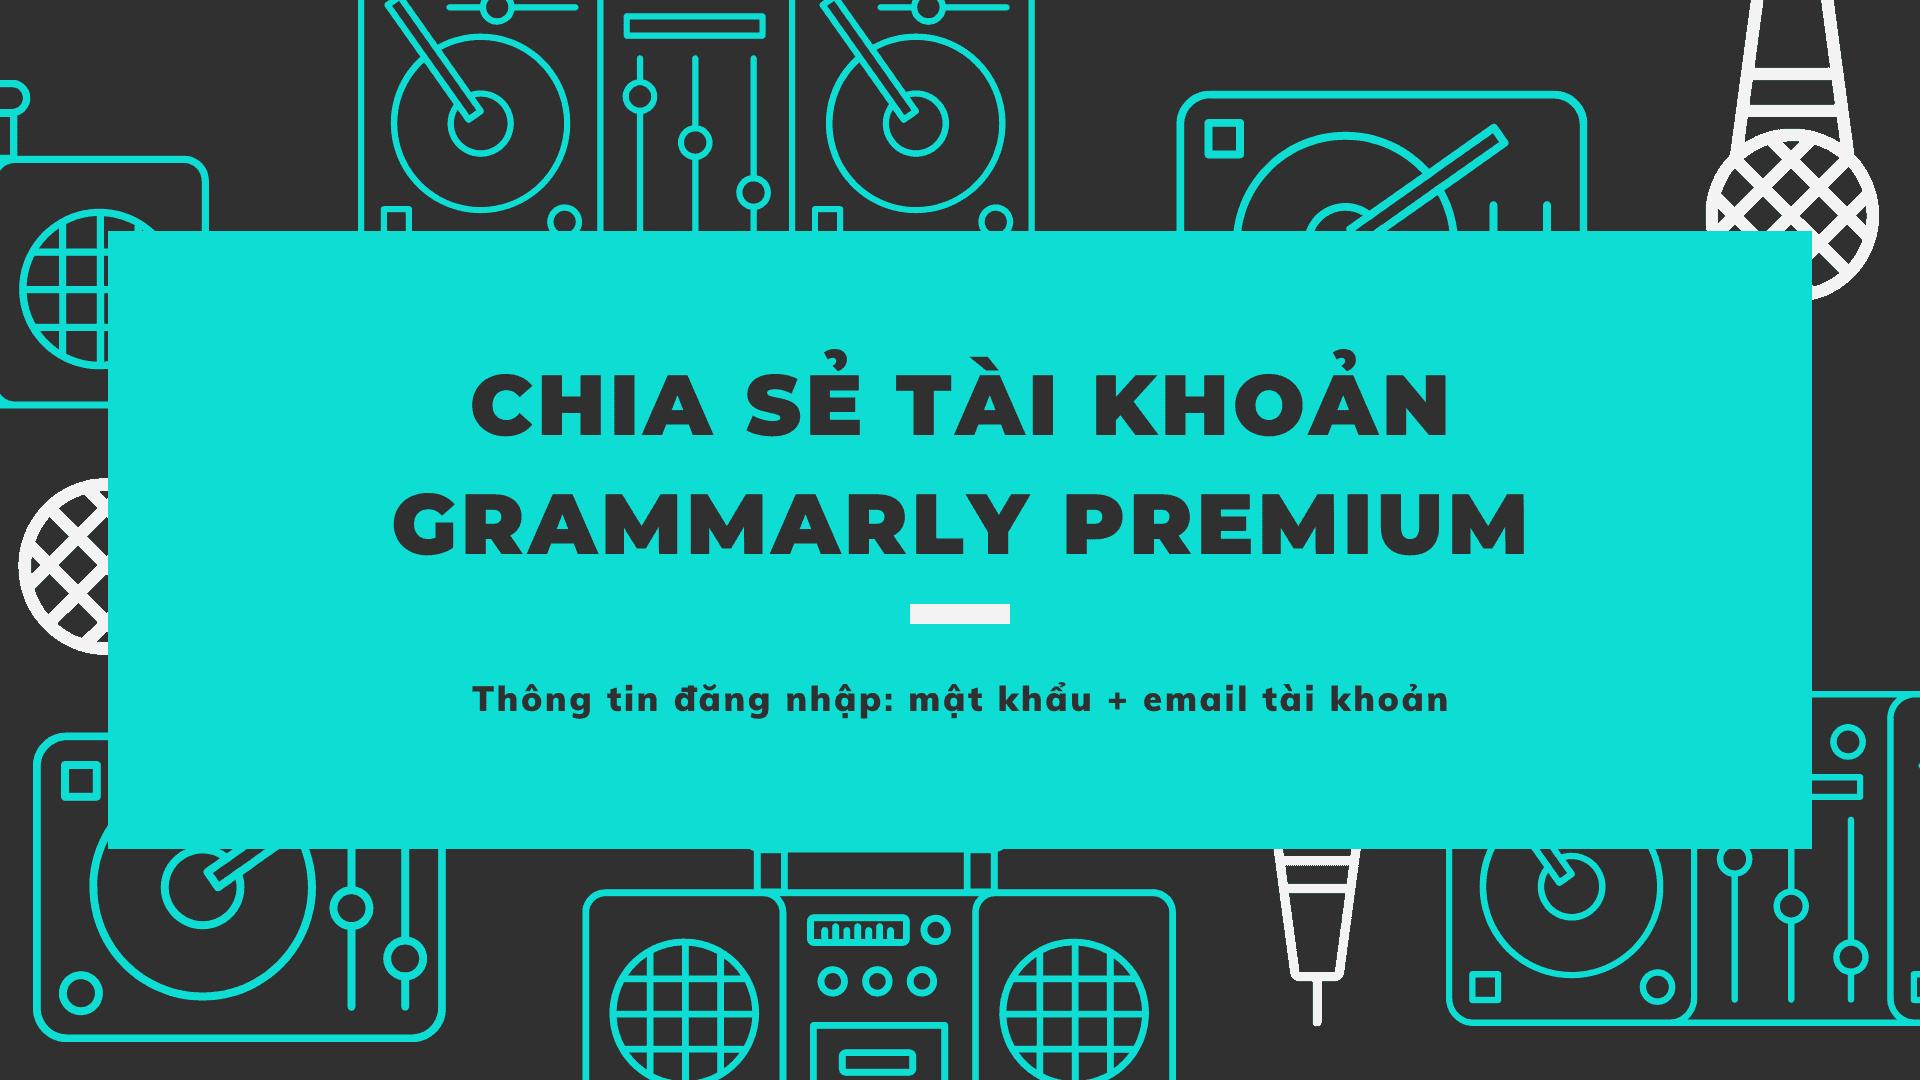 Chia sẻ tài khoản Grammarly premium miễn phí